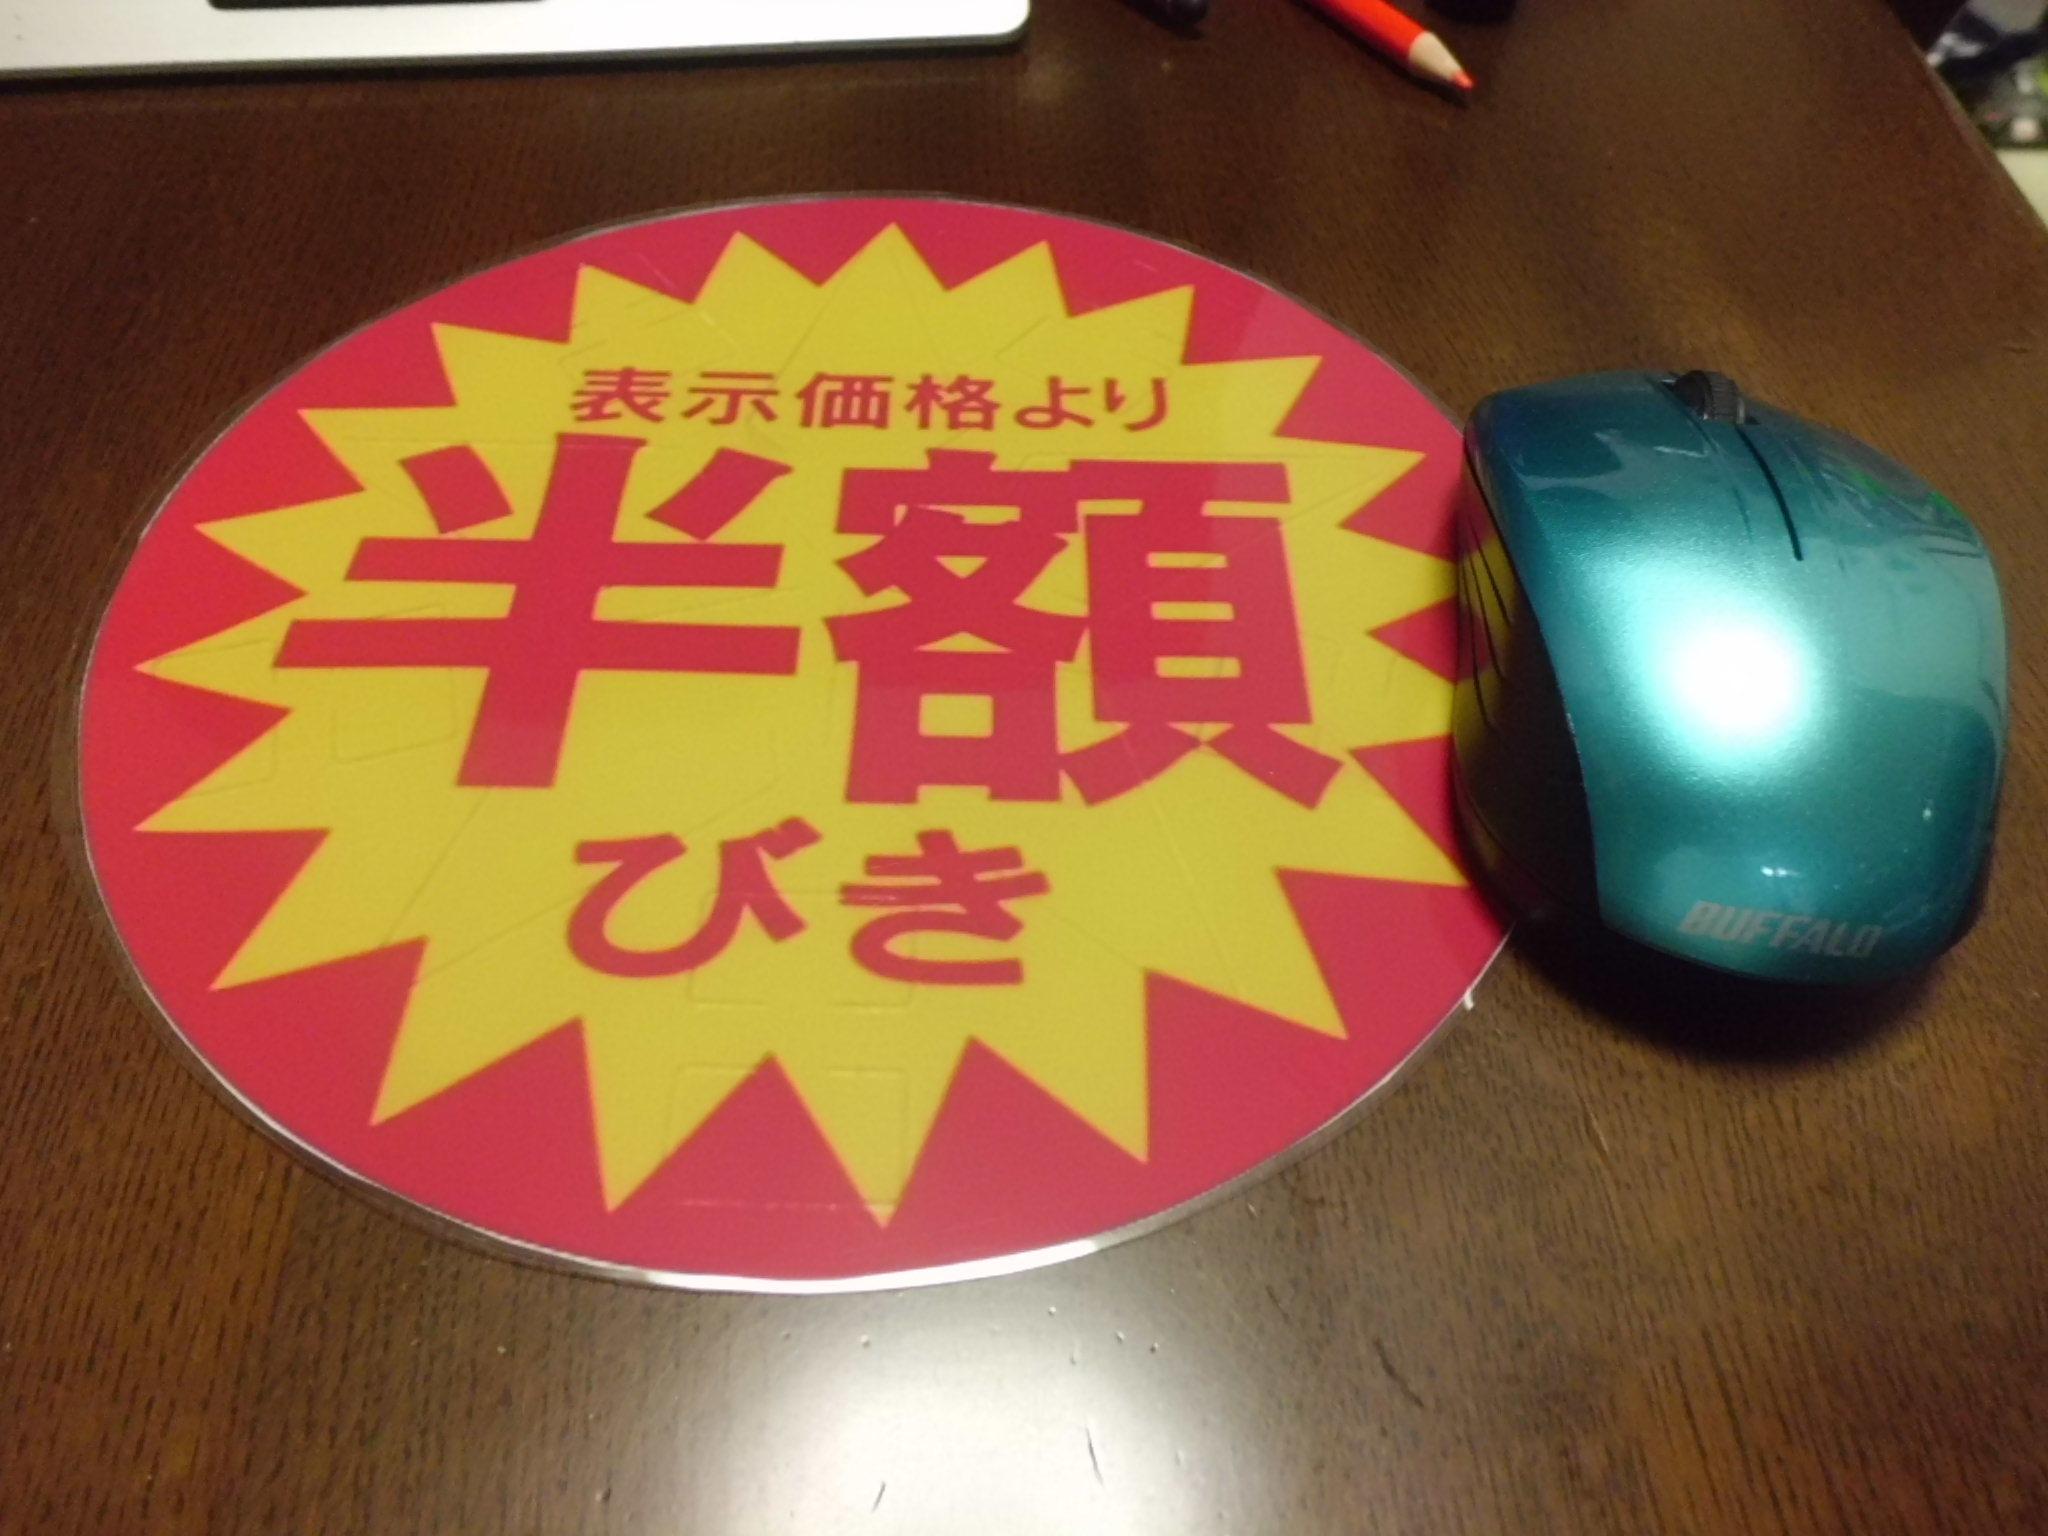 スーパー玉出のマウスパッド_e0096277_17100389.jpg